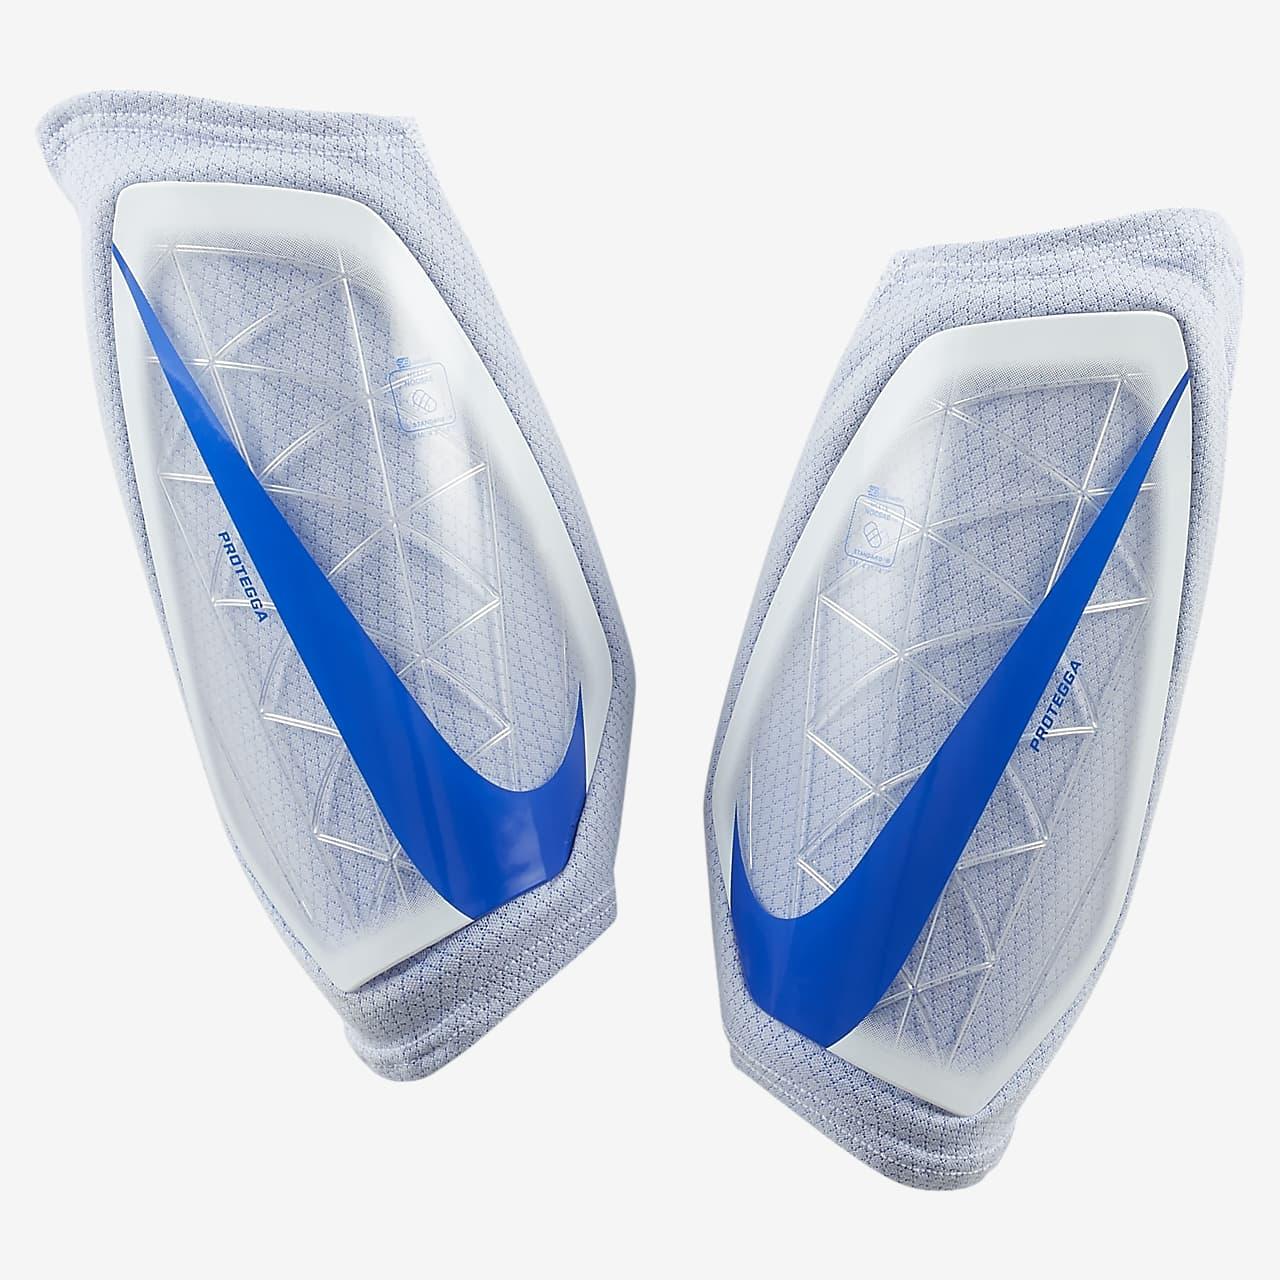 Nike Protegga fotballeggbeskyttere til barn